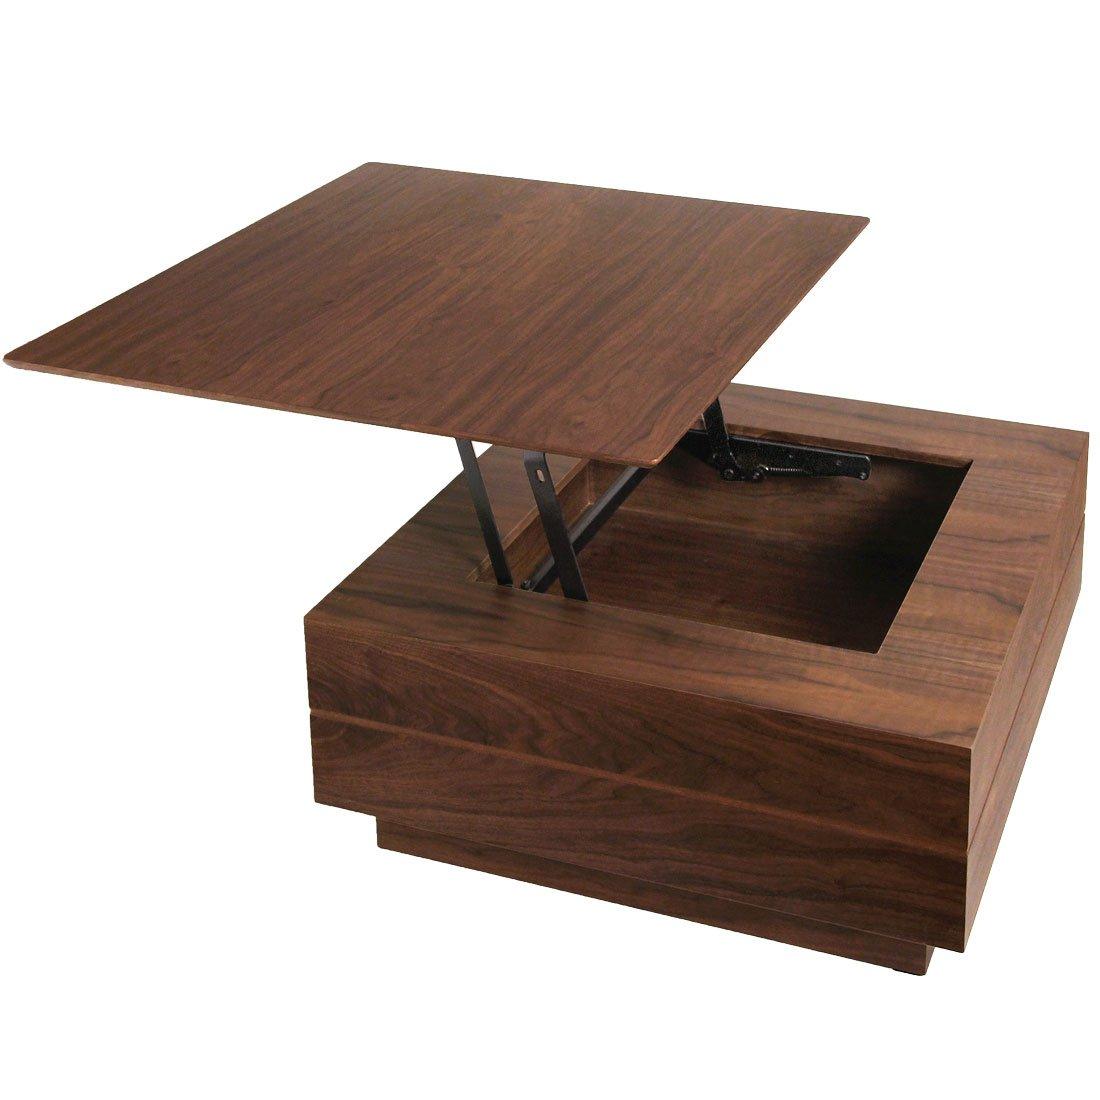 タンスのゲン センターテーブル 正方形 幅80 ウォールナット 完成品 ブラウン 30800007 WN B01D5MK90A ブラウン ブラウン